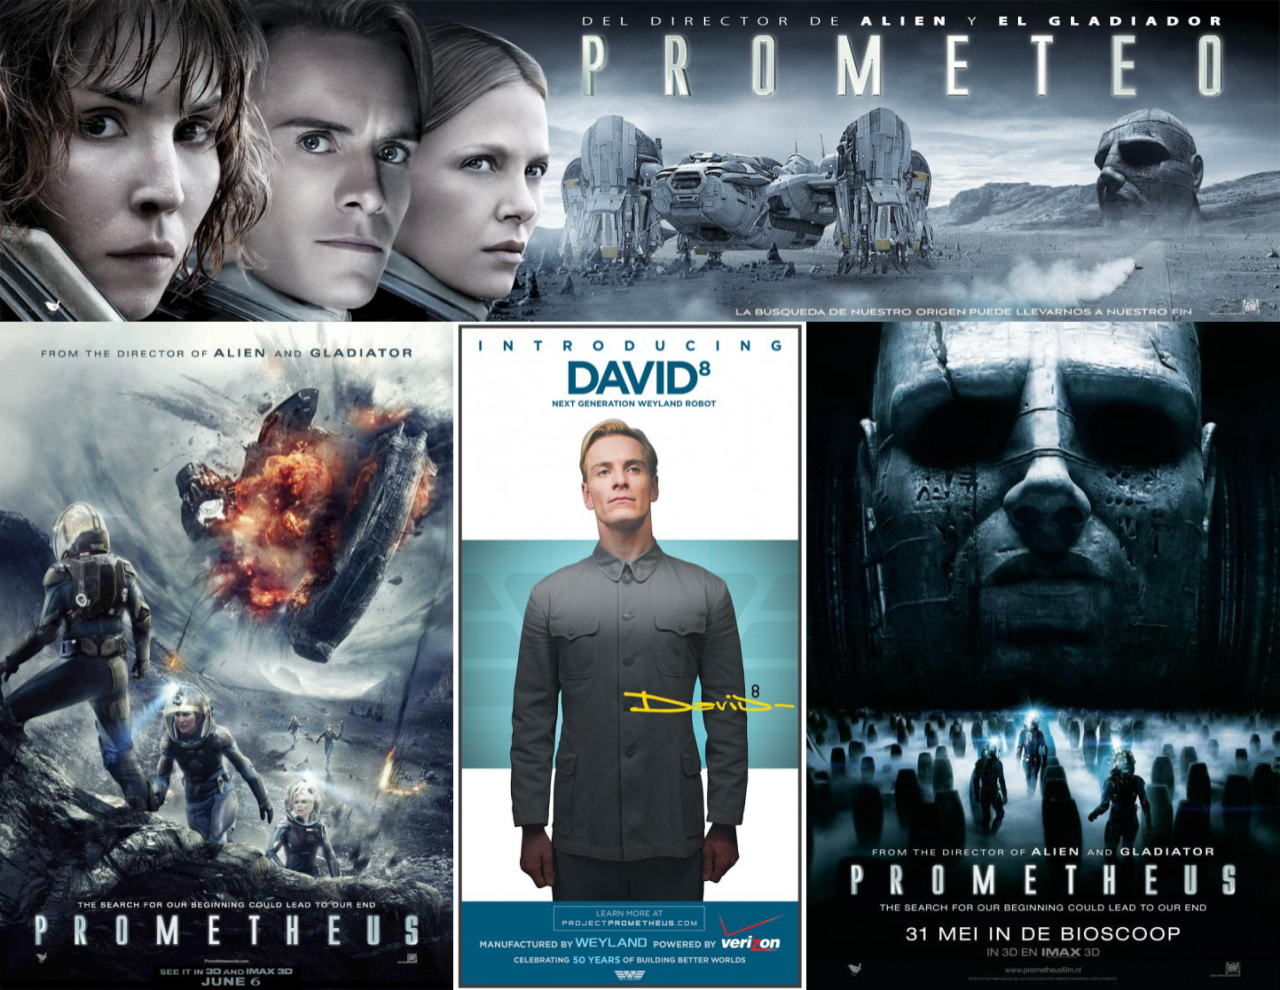 映画『プロメテウス PROMETHEUS』ポスター(8)▼ポスター画像クリックで拡大します。